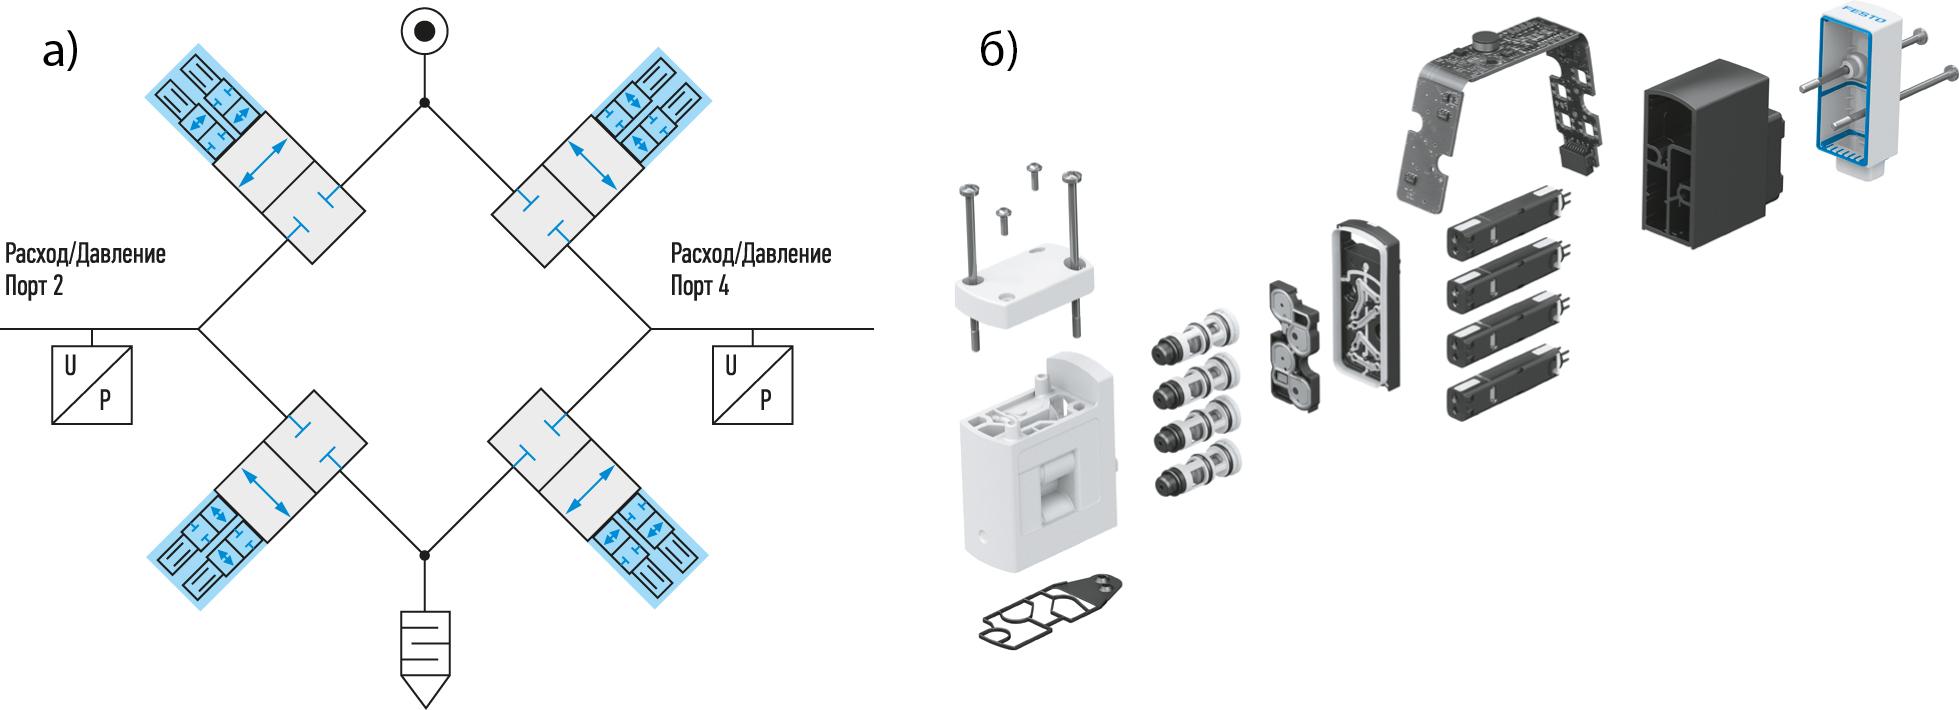 Схема и внутреннее устройство распределителя VTEM